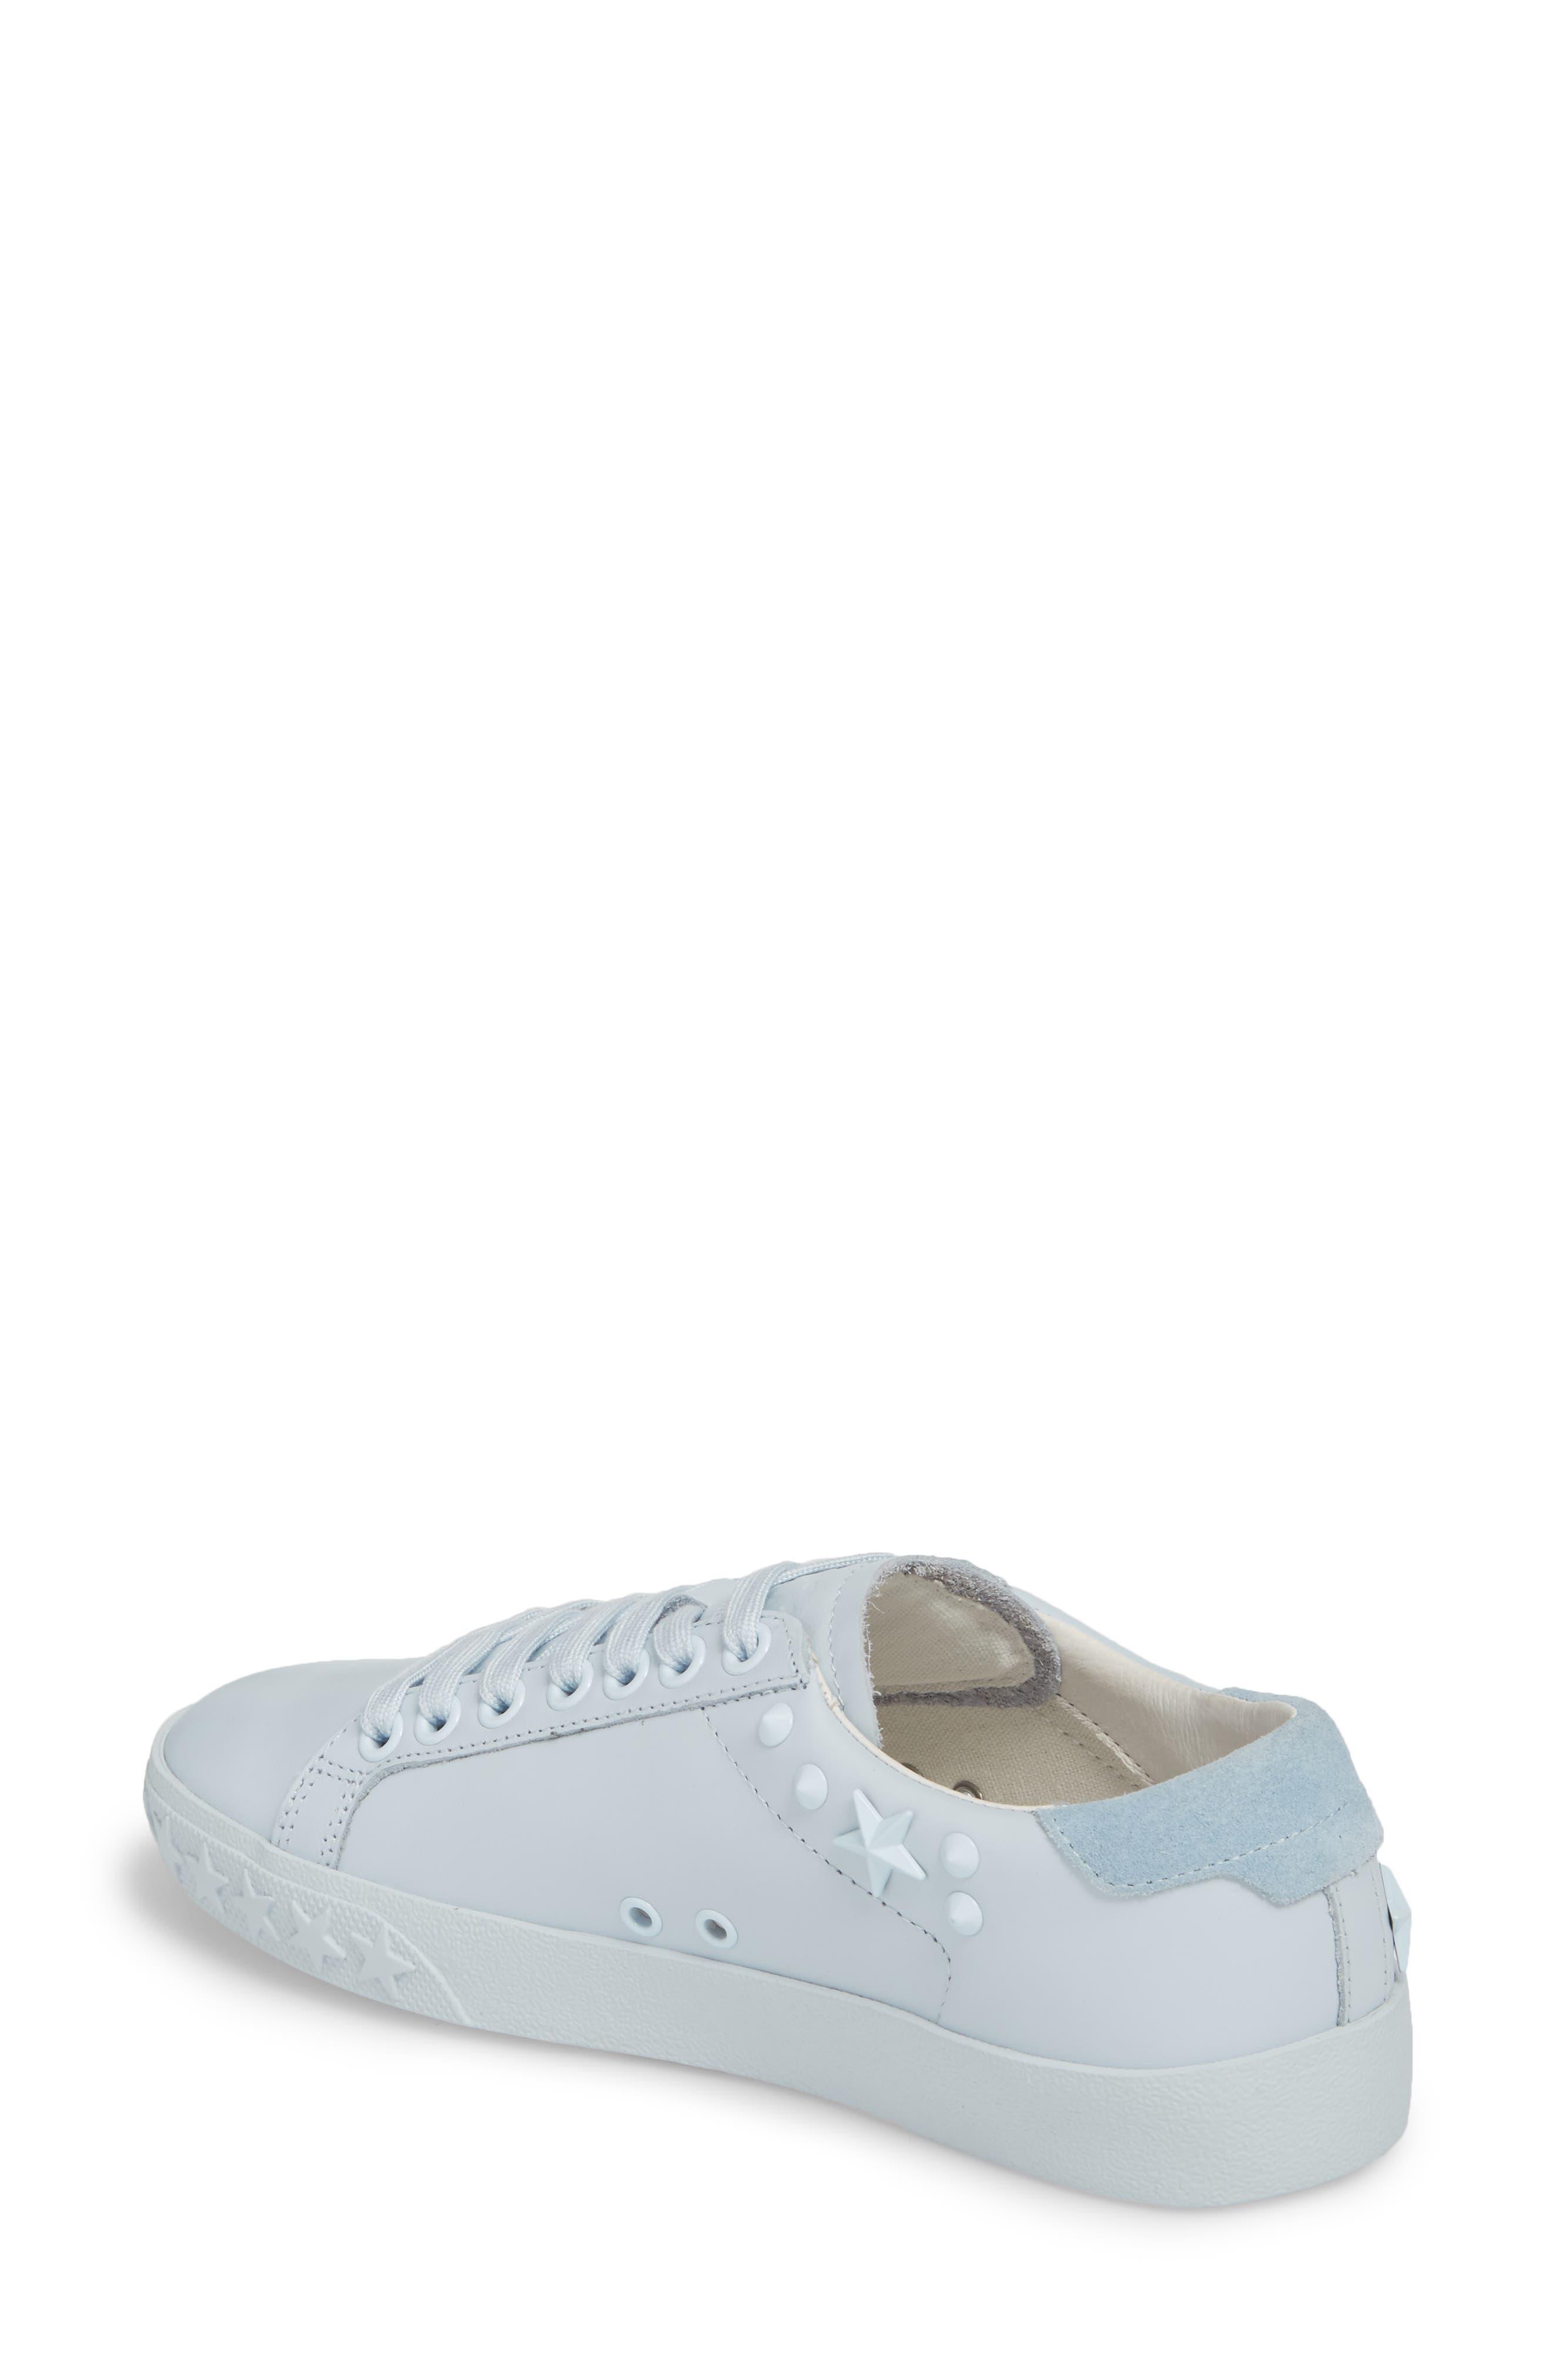 Dazed Sneaker,                             Alternate thumbnail 2, color,                             Ice Blue